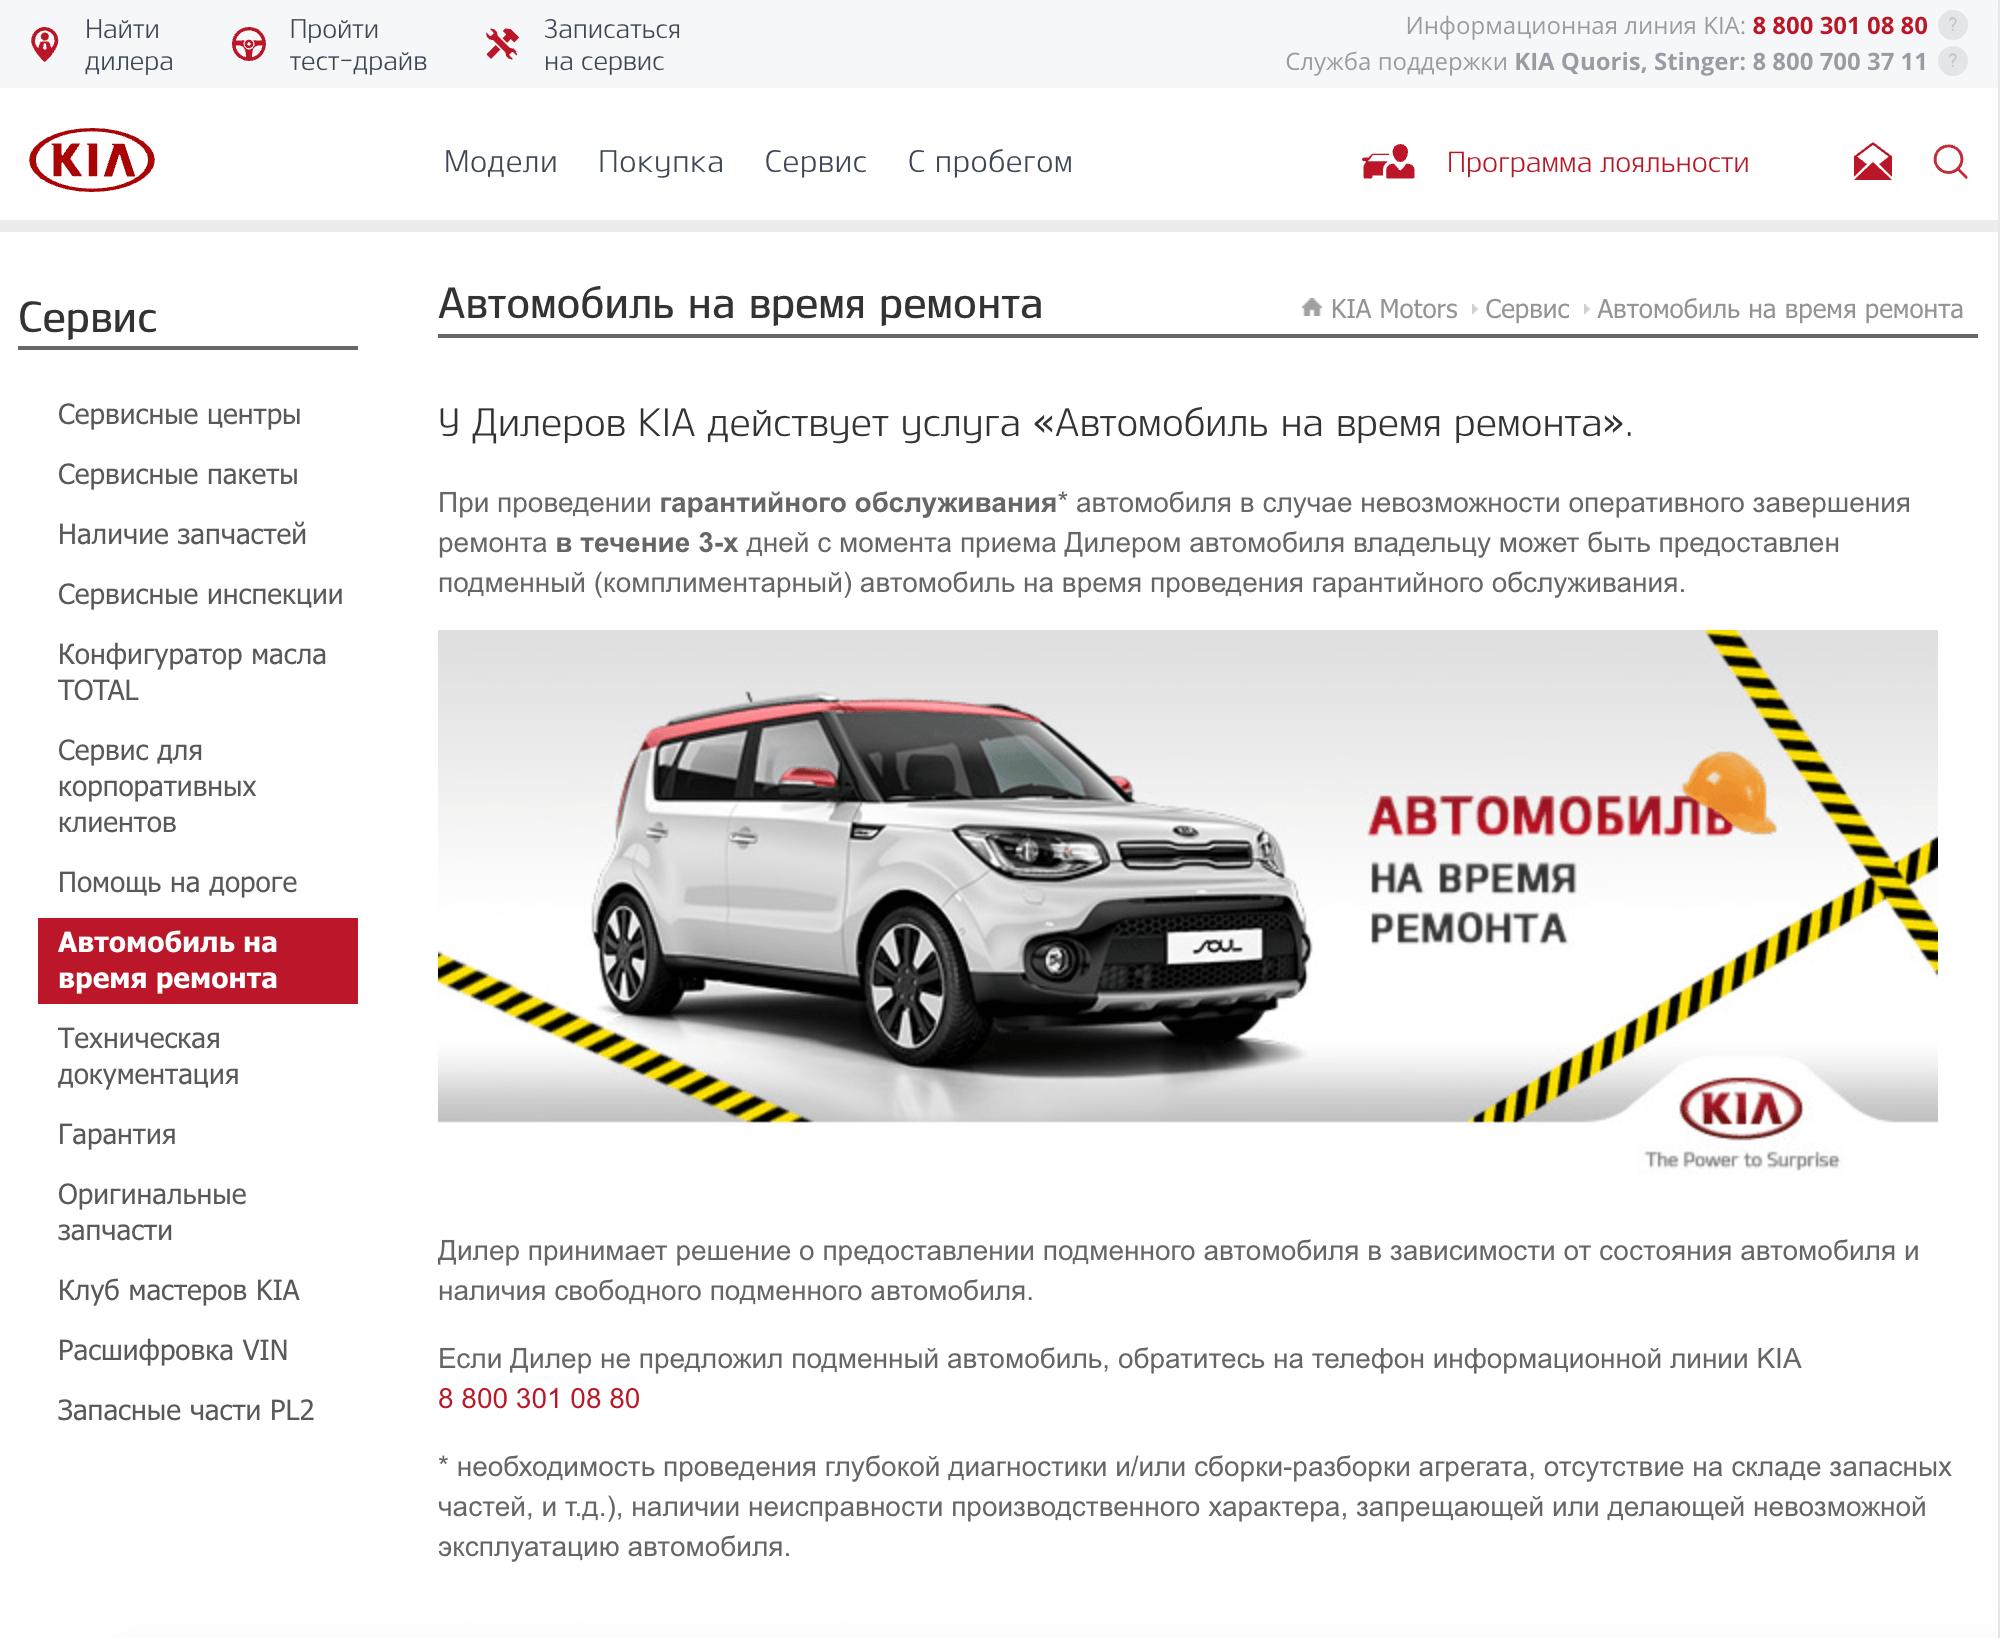 На сайте «Киа» пишут, что готовы предоставить подменный автомобиль, если срок ремонта превысит три дня и если свободные машины есть в наличии